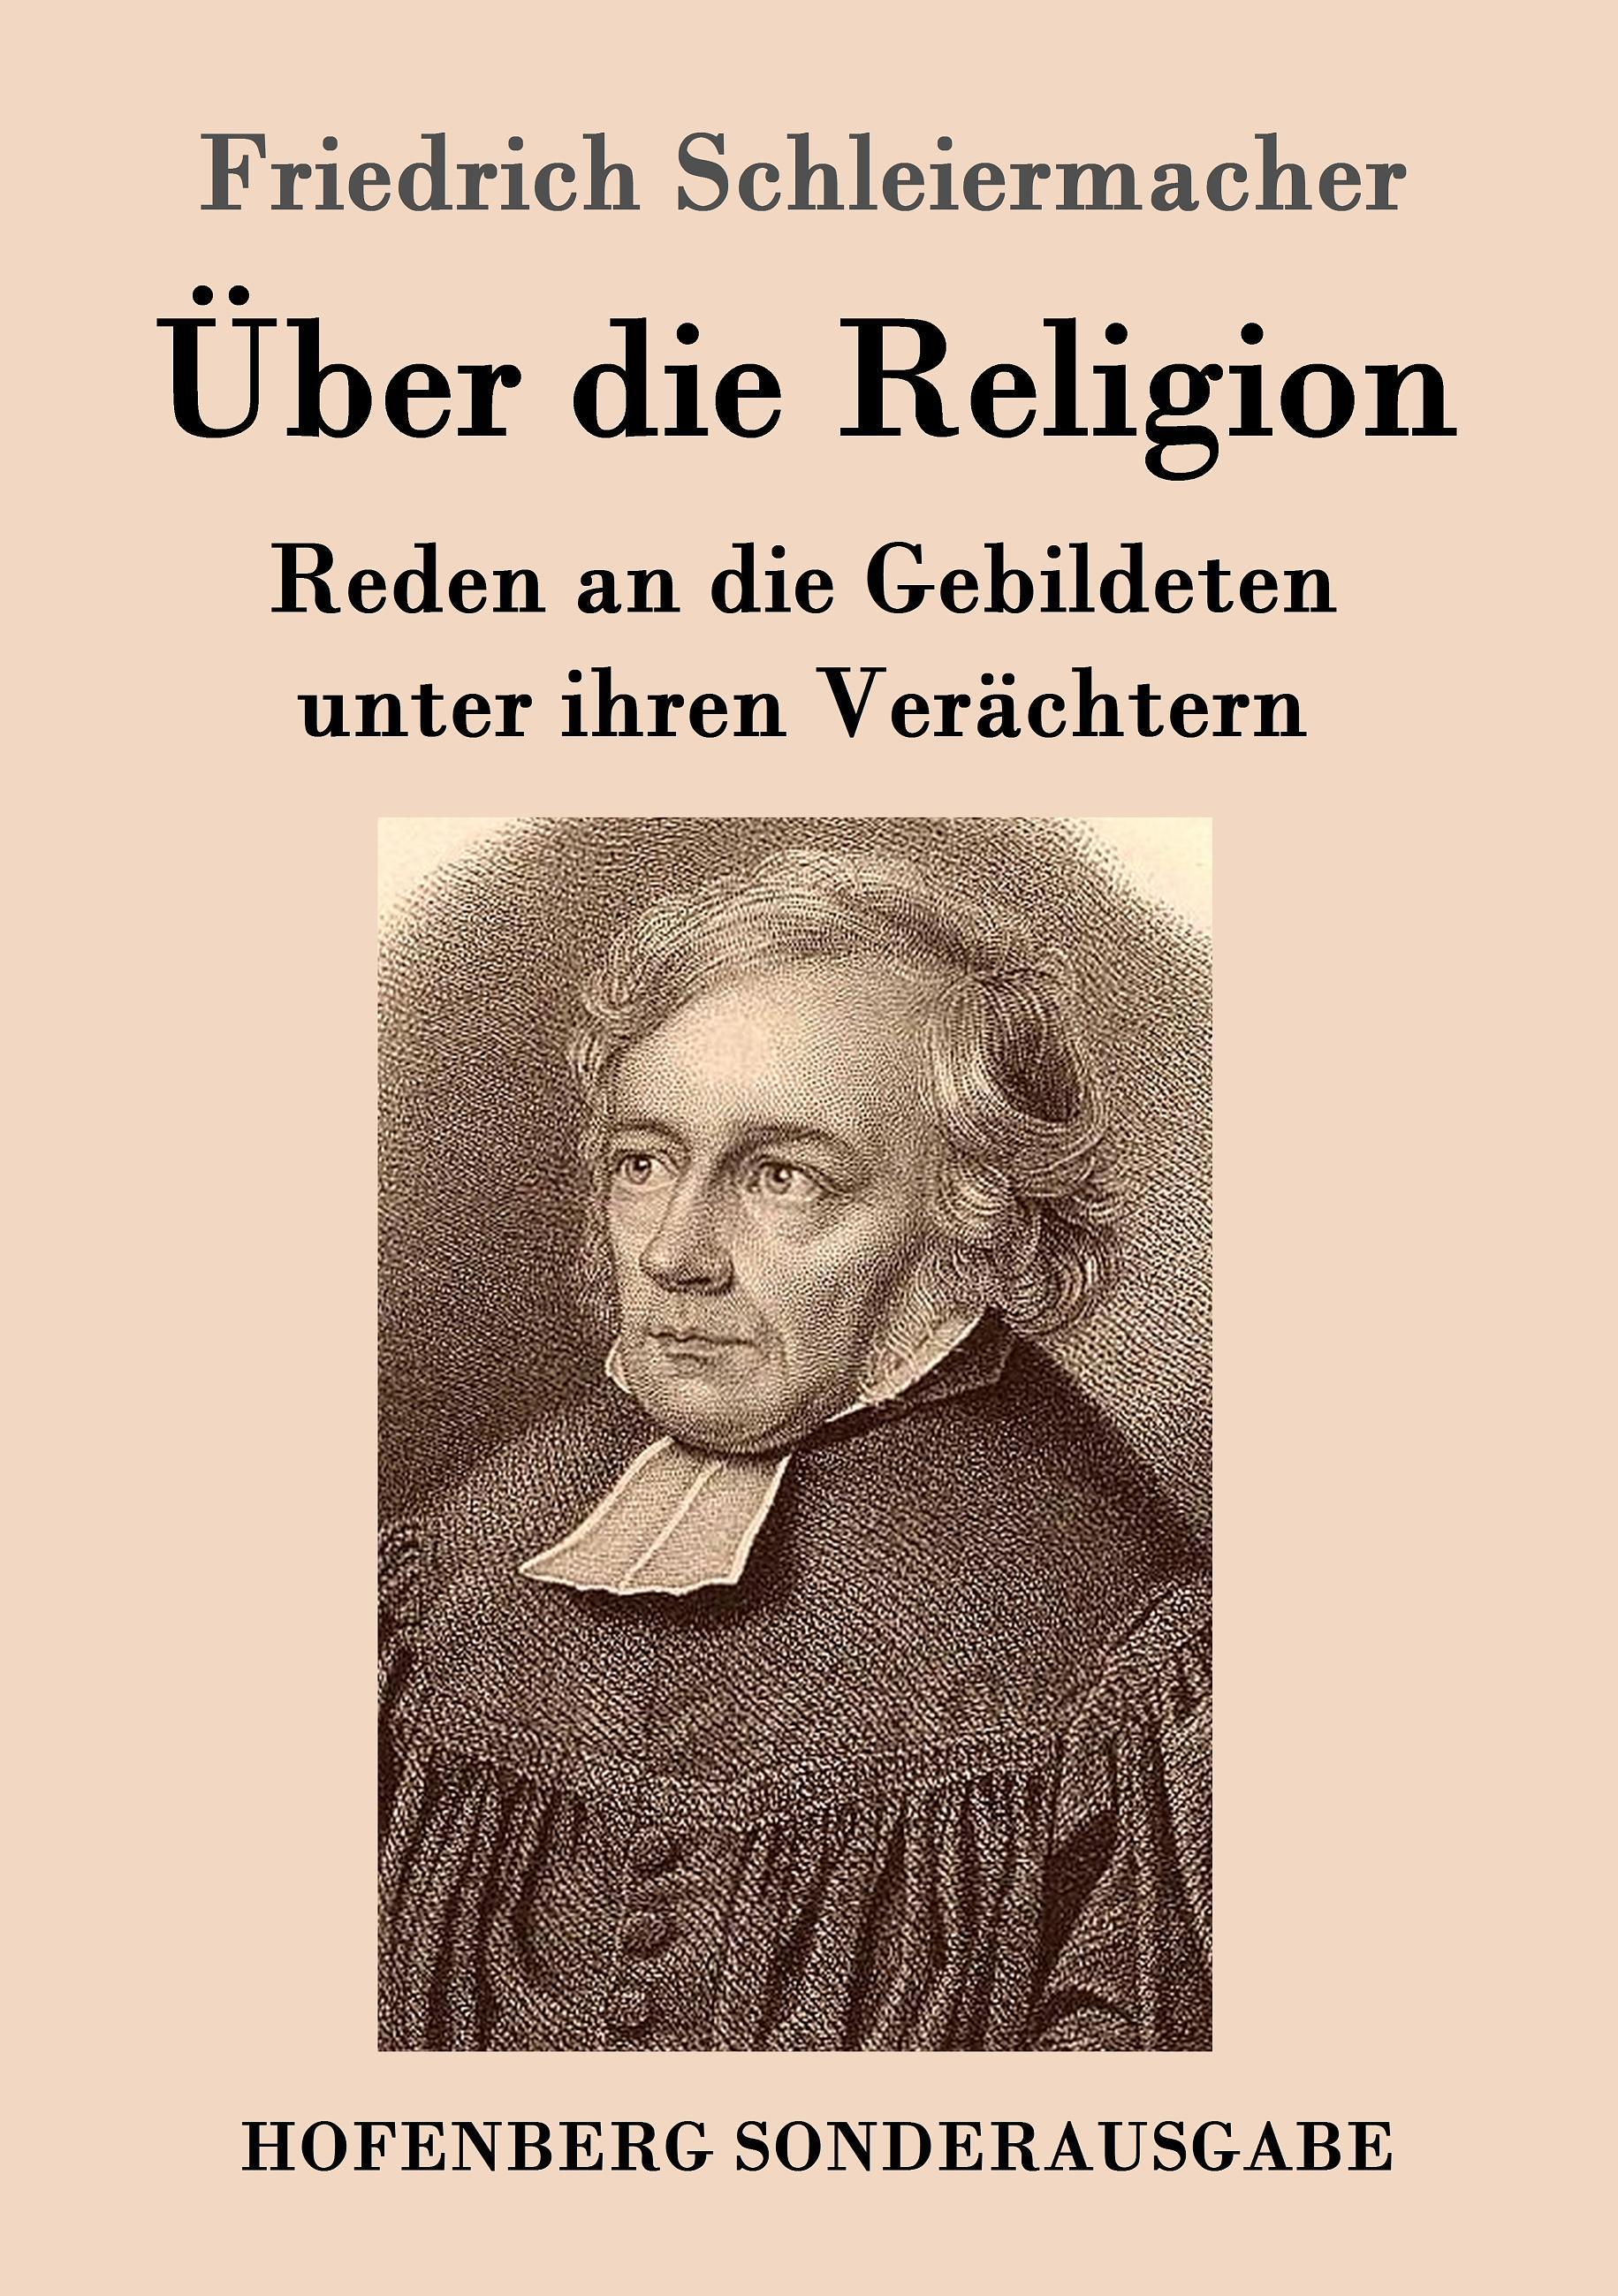 Ueber die Religion - Schleiermacher, Friedrich Daniel Ernst